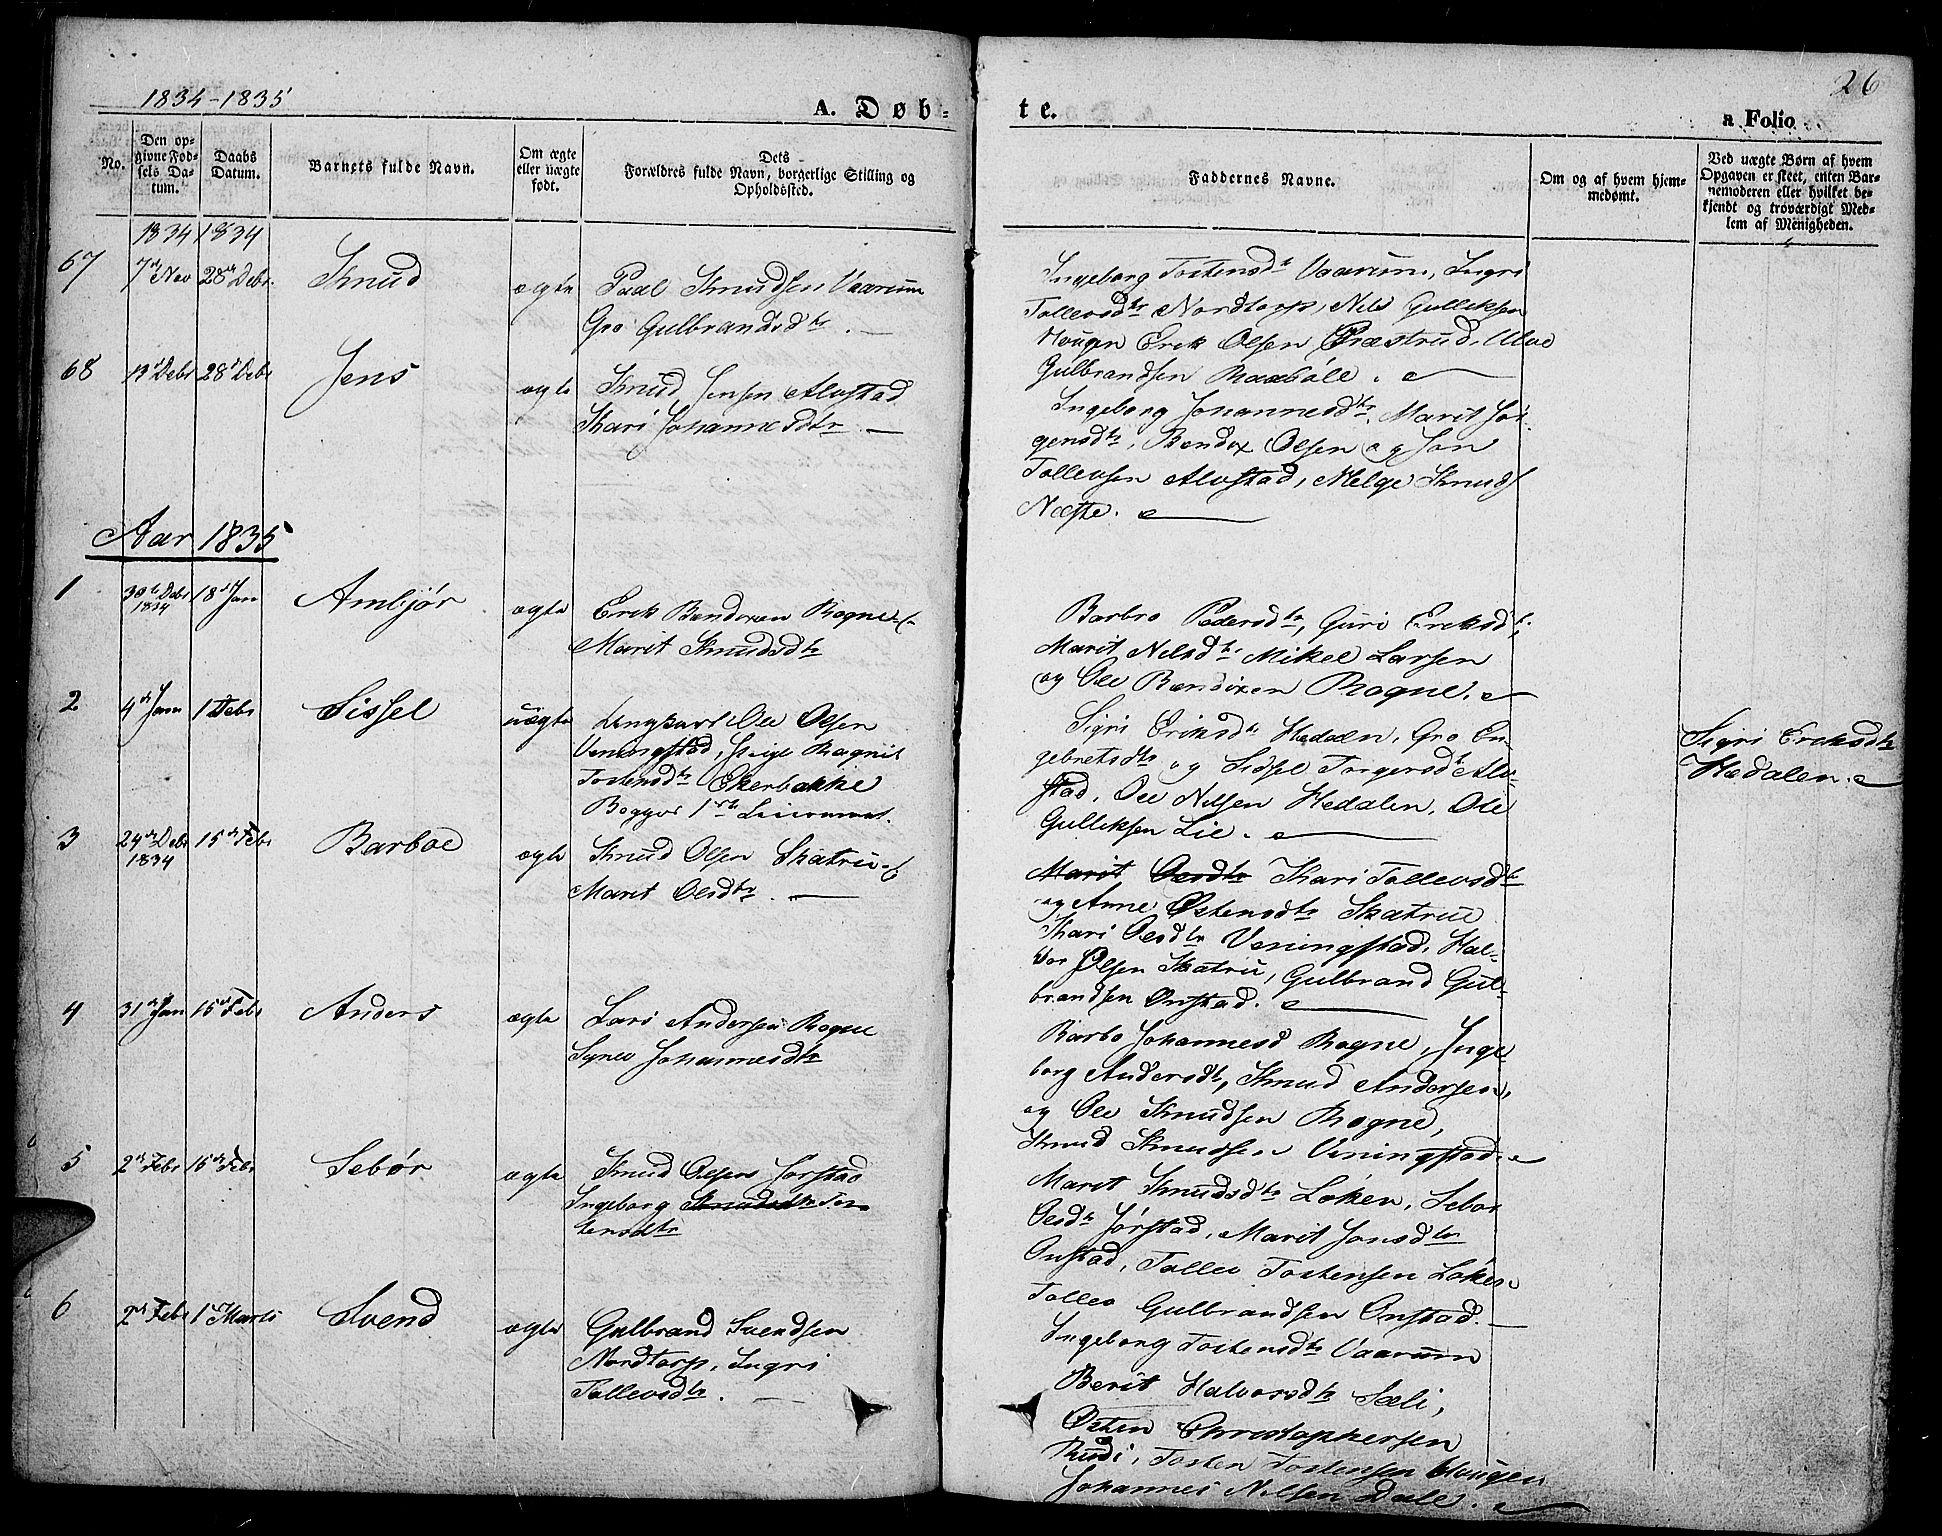 SAH, Slidre prestekontor, Ministerialbok nr. 4, 1831-1848, s. 26